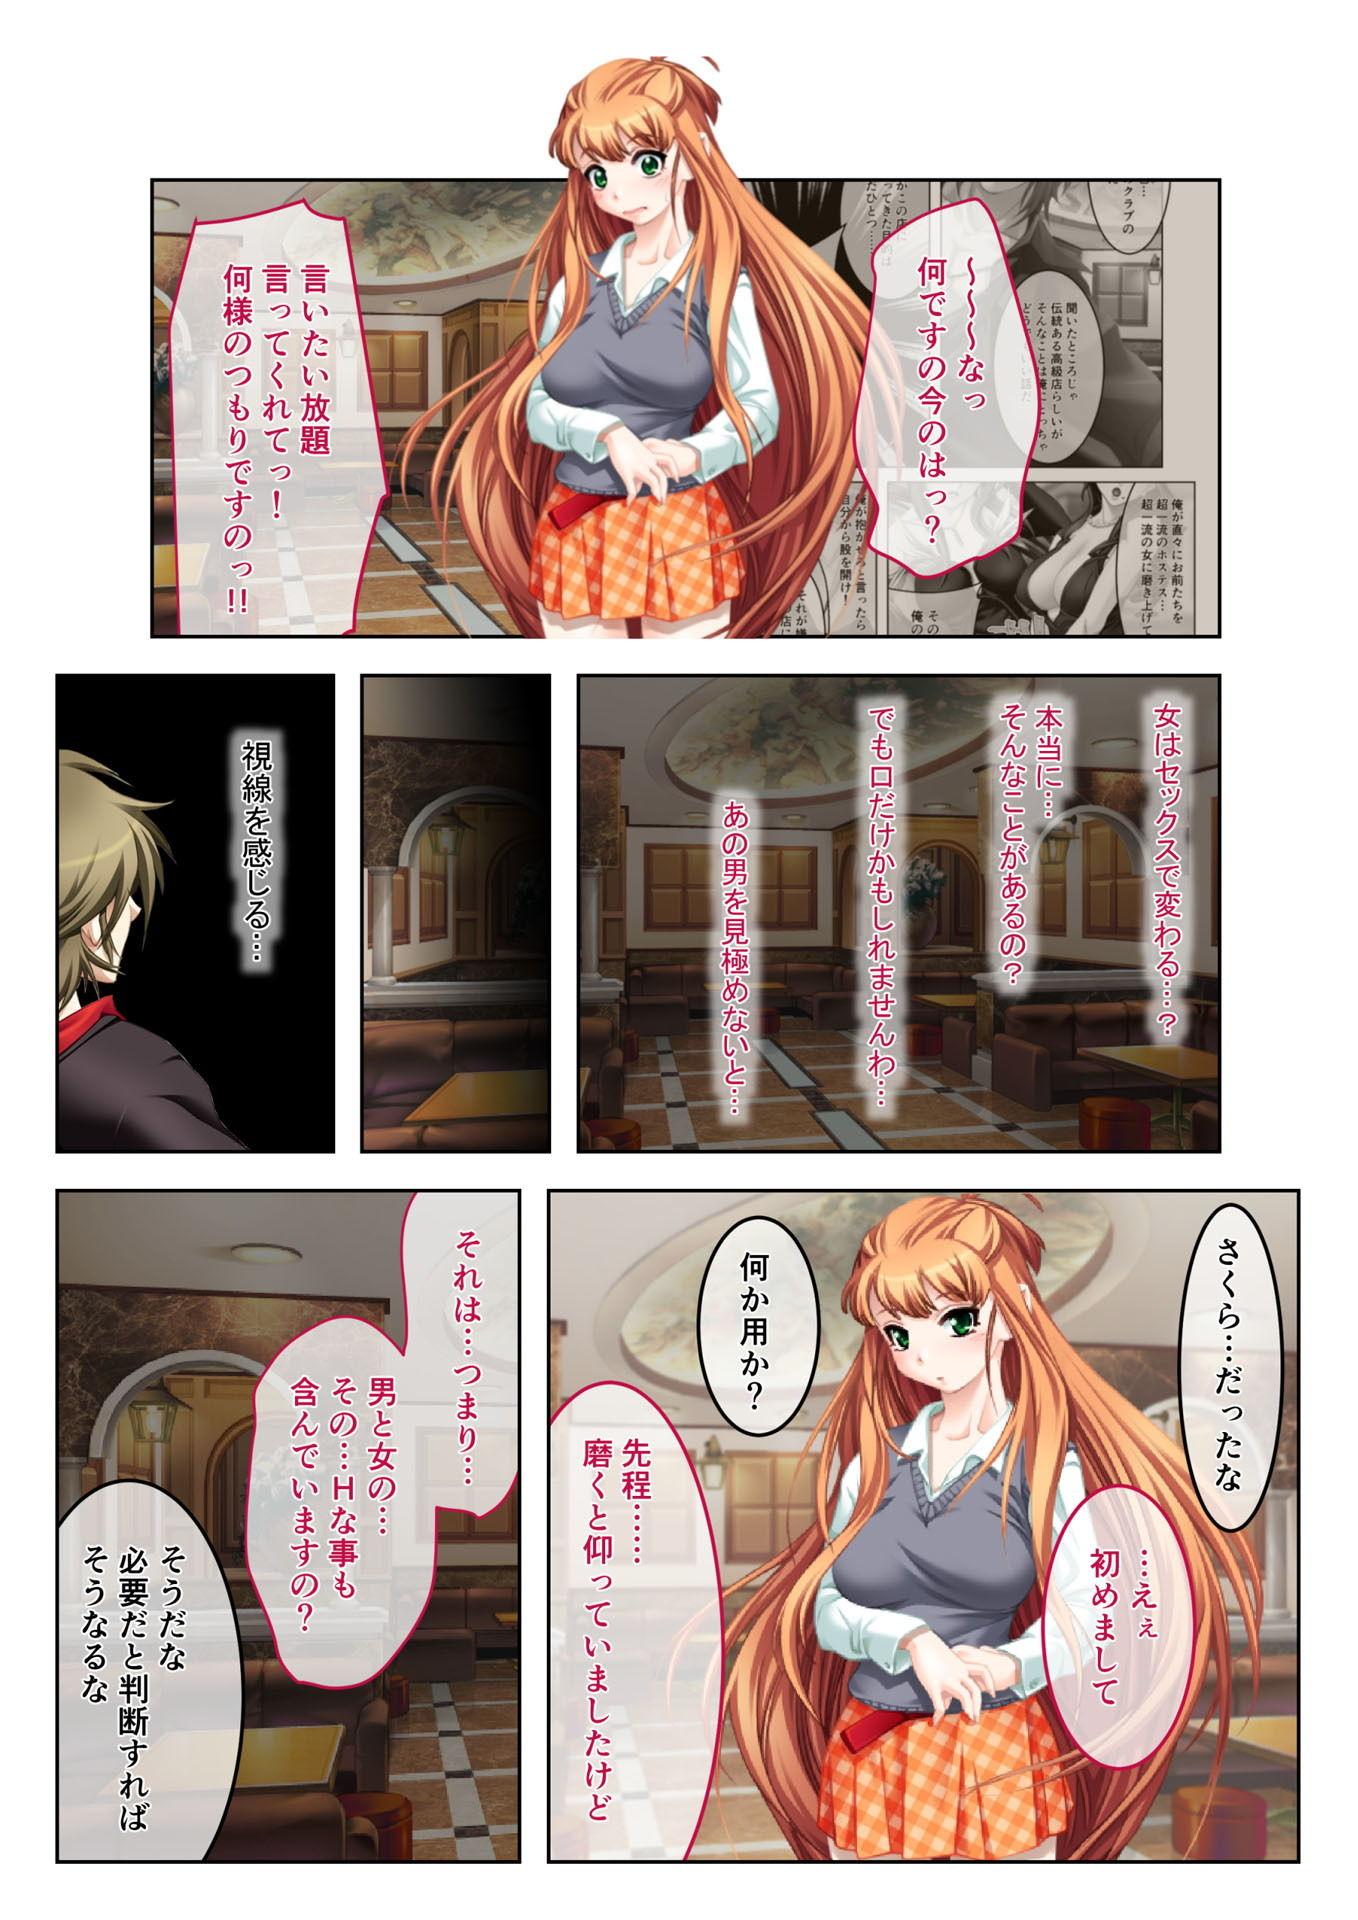 【どろっぷす! 同人】イクまで徹底性指導~生意気キャバ嬢を従順にする方法~(6)フルカラーコミック版